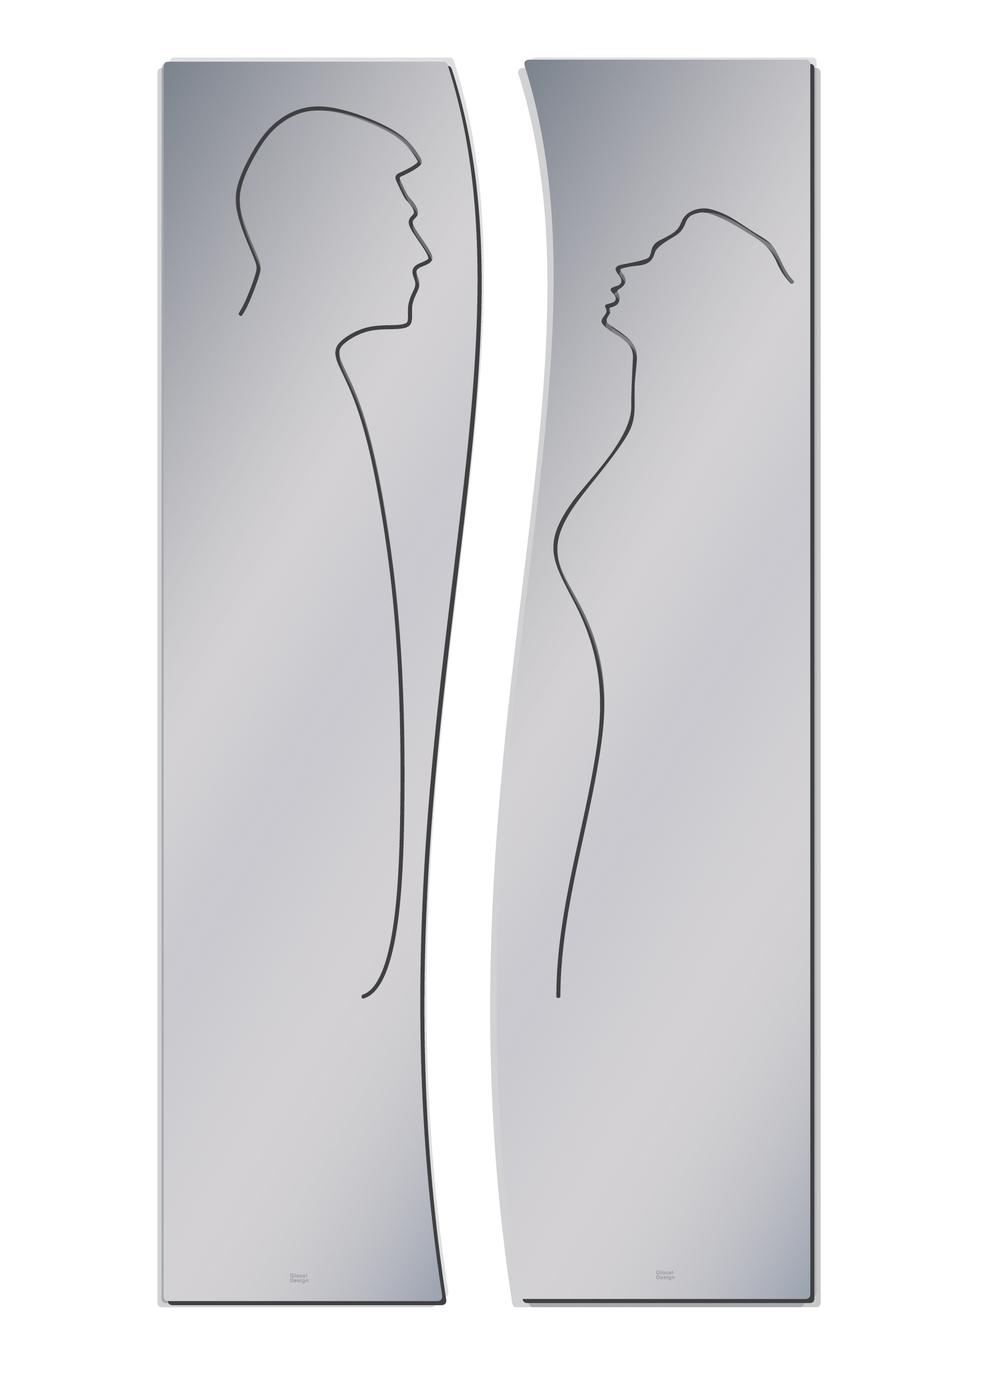 Daniele Basso La dolce vita (2011) acciaio inox